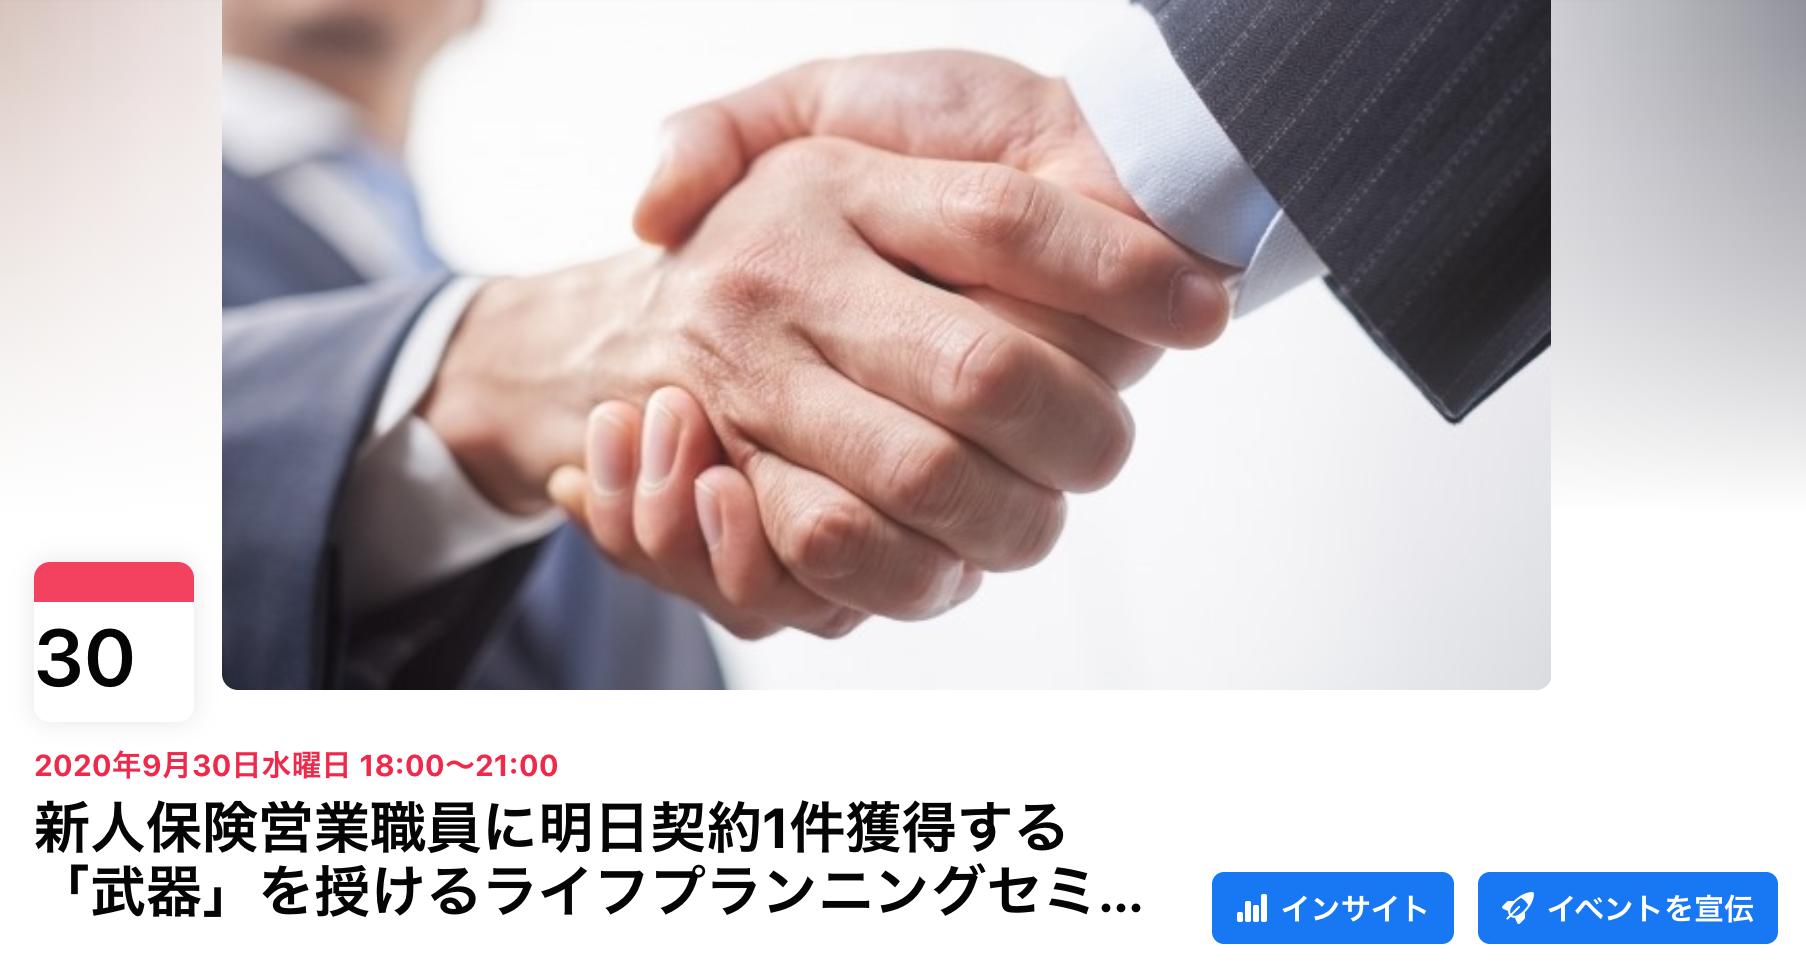 新人保険営業職員向けのライフプランニングセミナーを開催します|行政書士阿部総合事務所